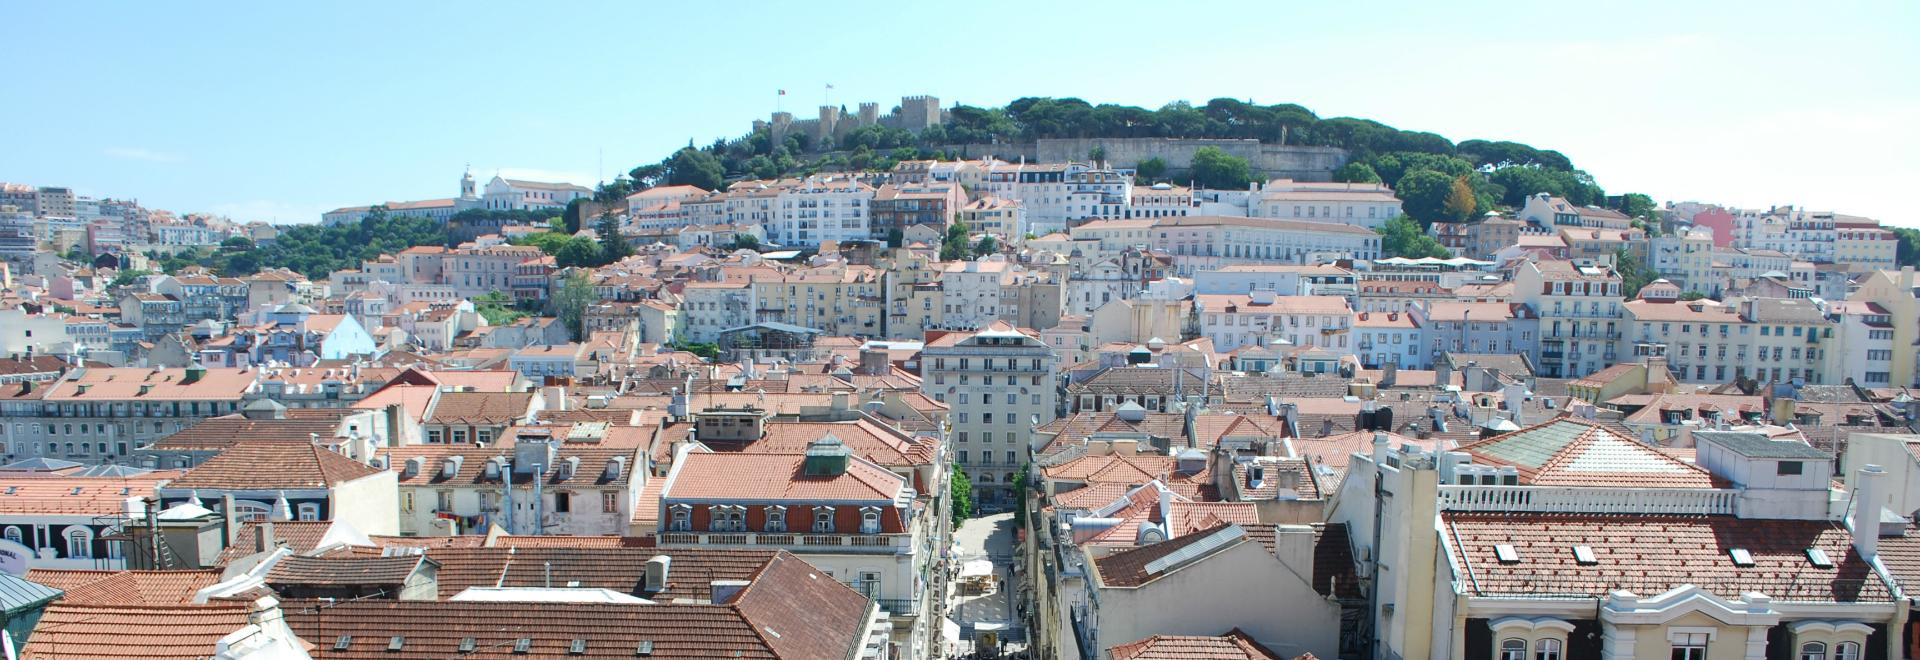 D couvrez le quartier de baixa un des quartiers de lisbonne - Office de tourisme lisbonne ...